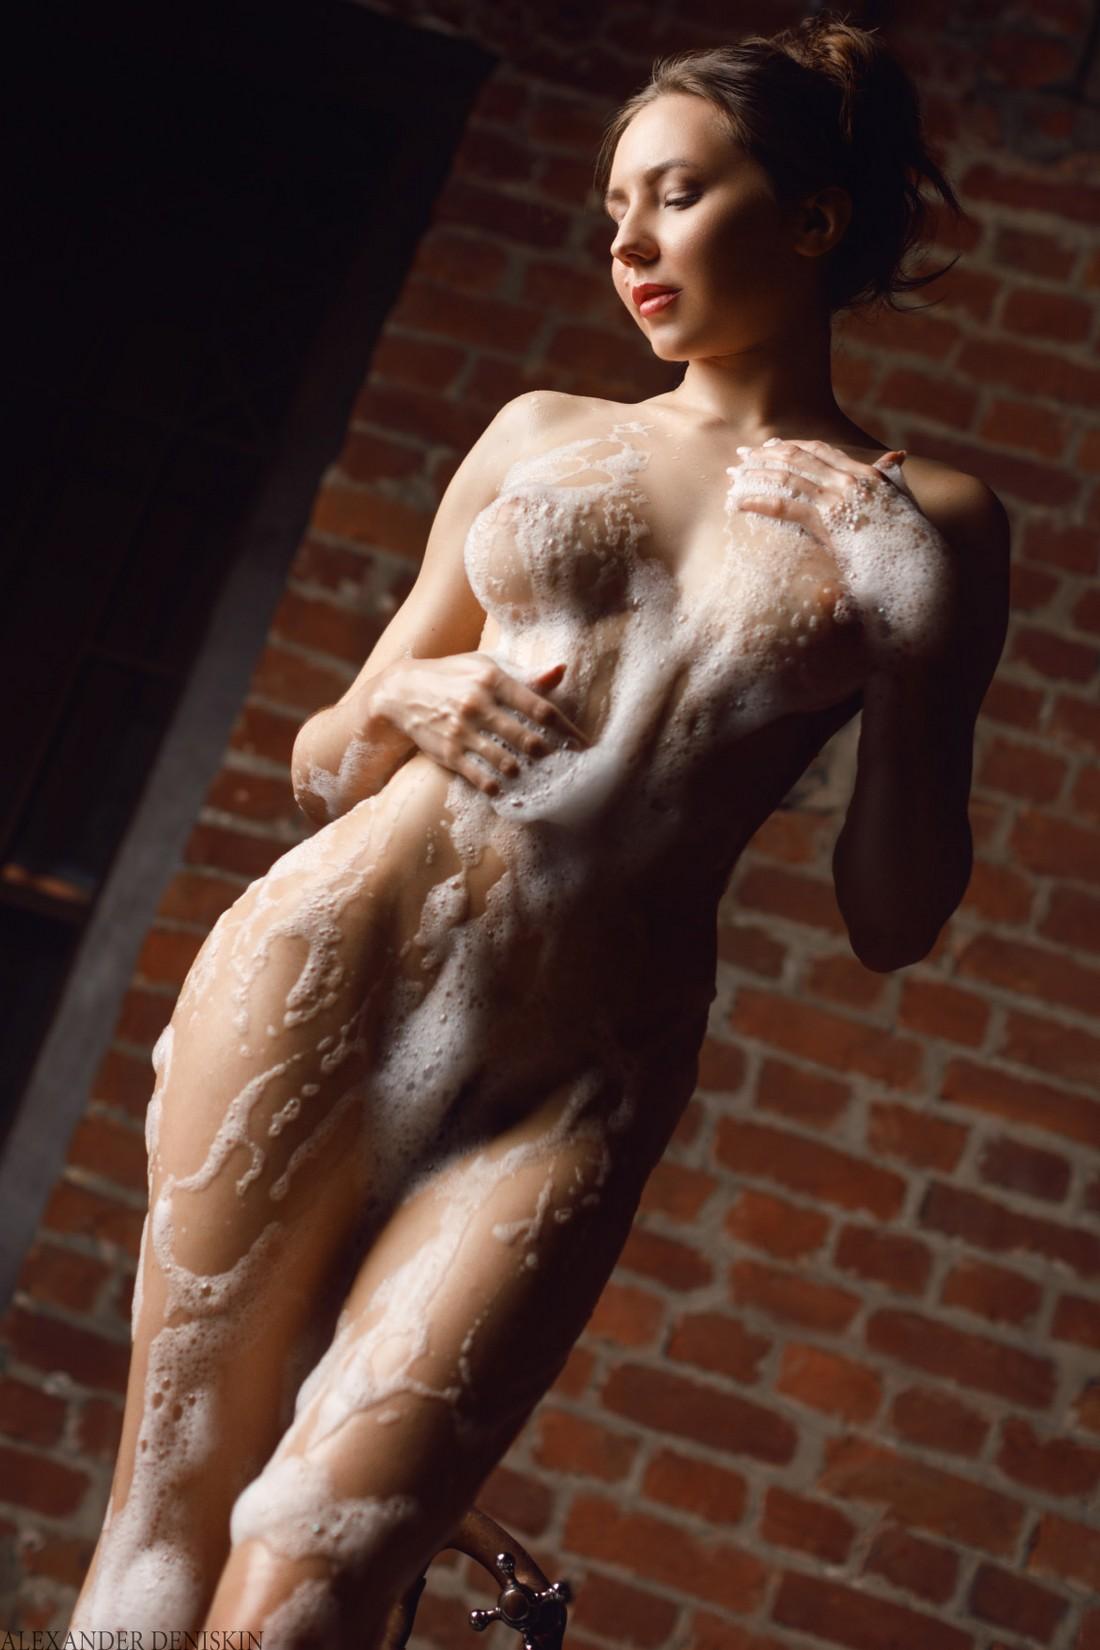 Чувственное «Ню» Александра Денискина фотография,чувственность